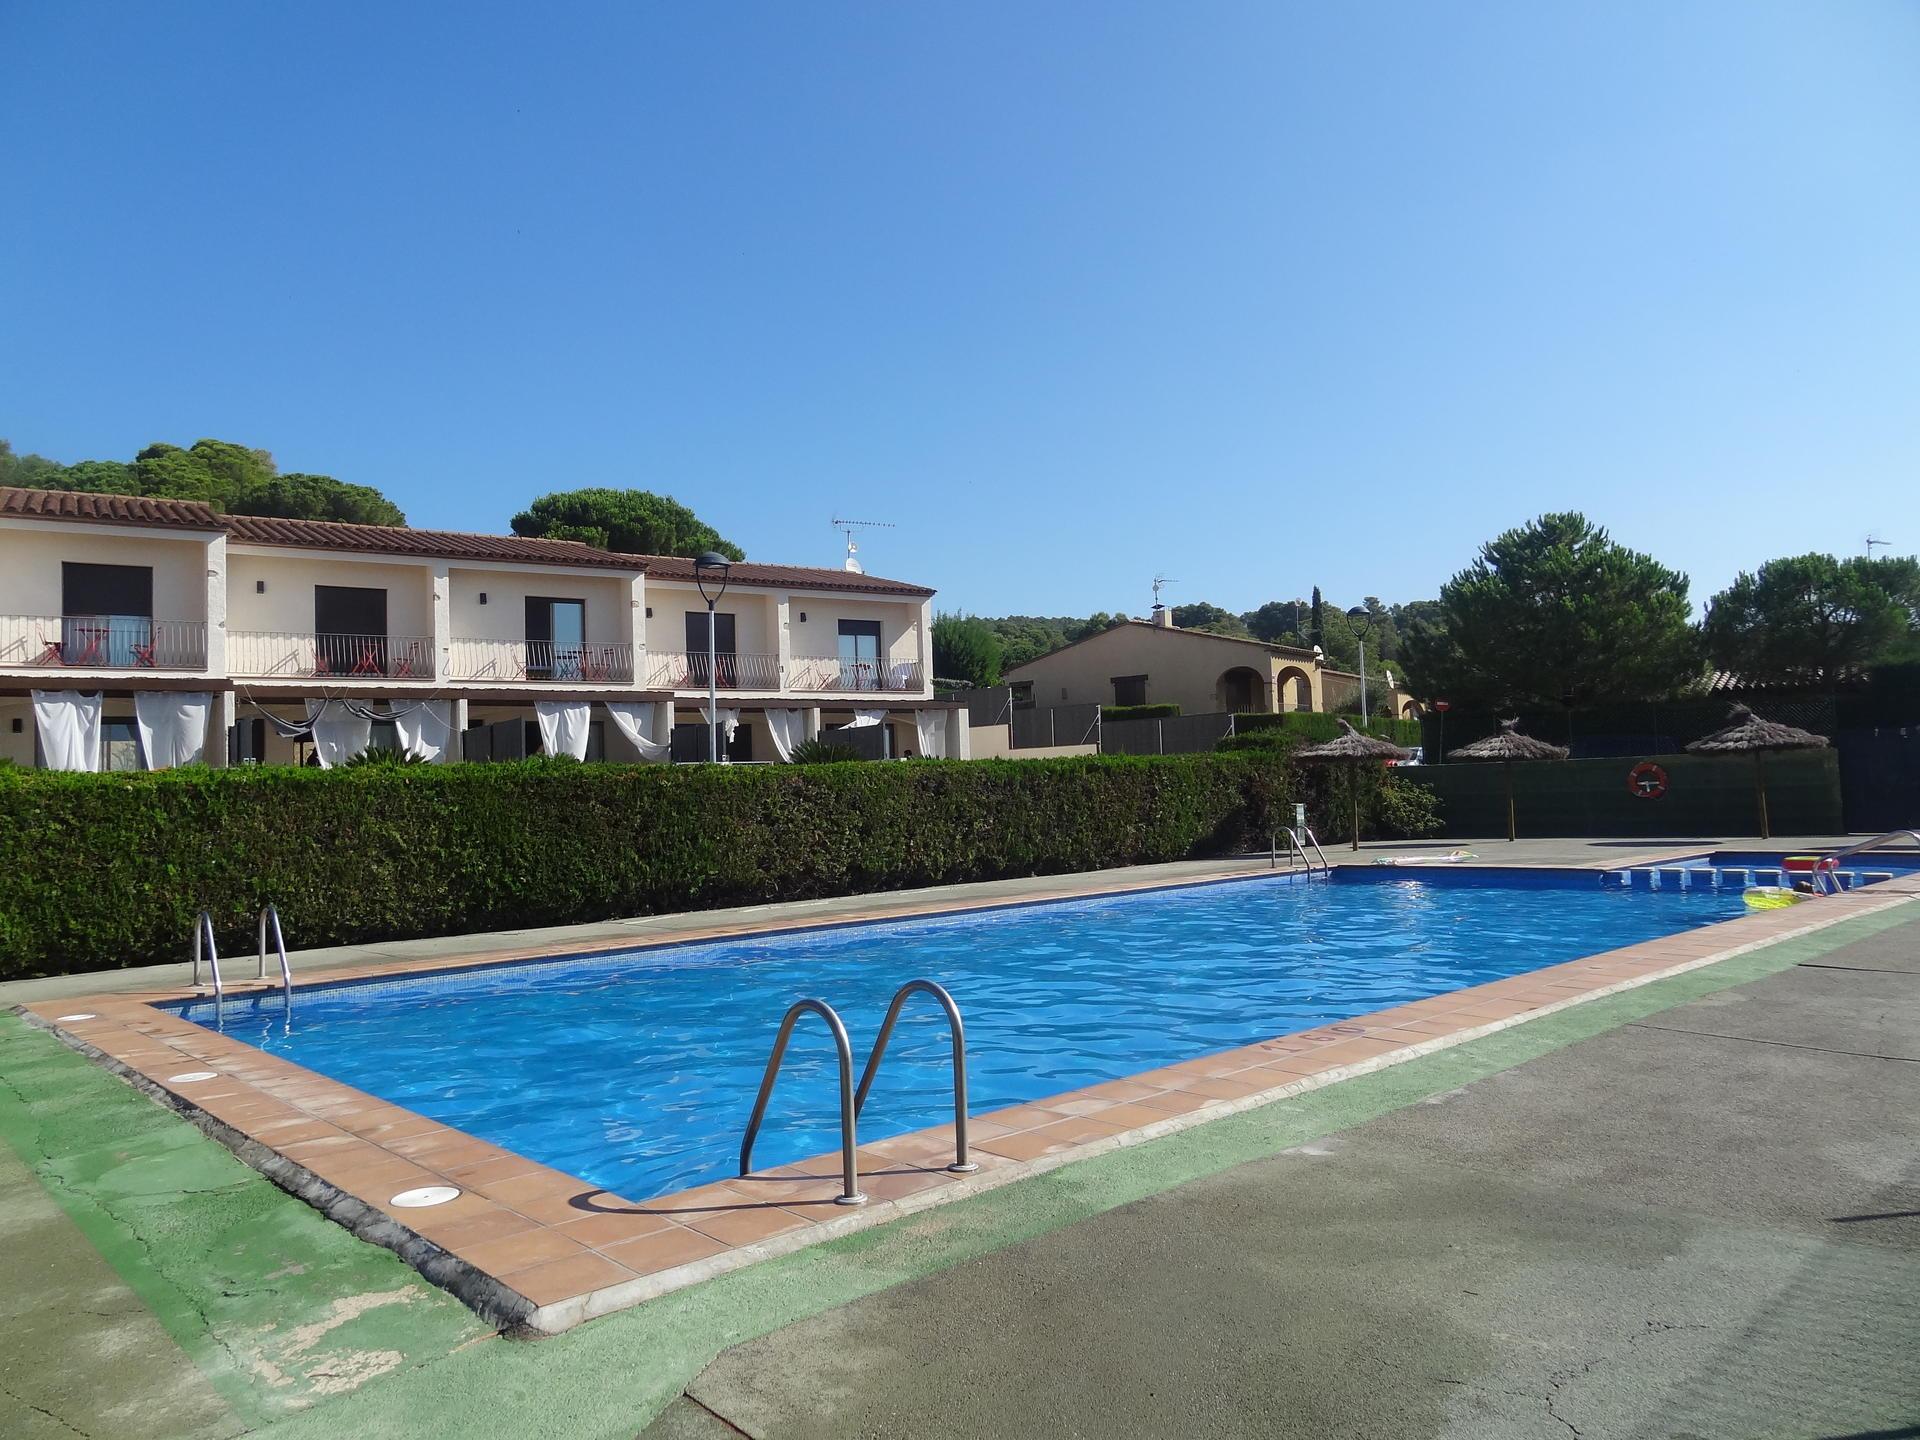 Casa adosada -                                       Torroella De Montgrí -                                       2 dormitorios -                                       0 ocupantes